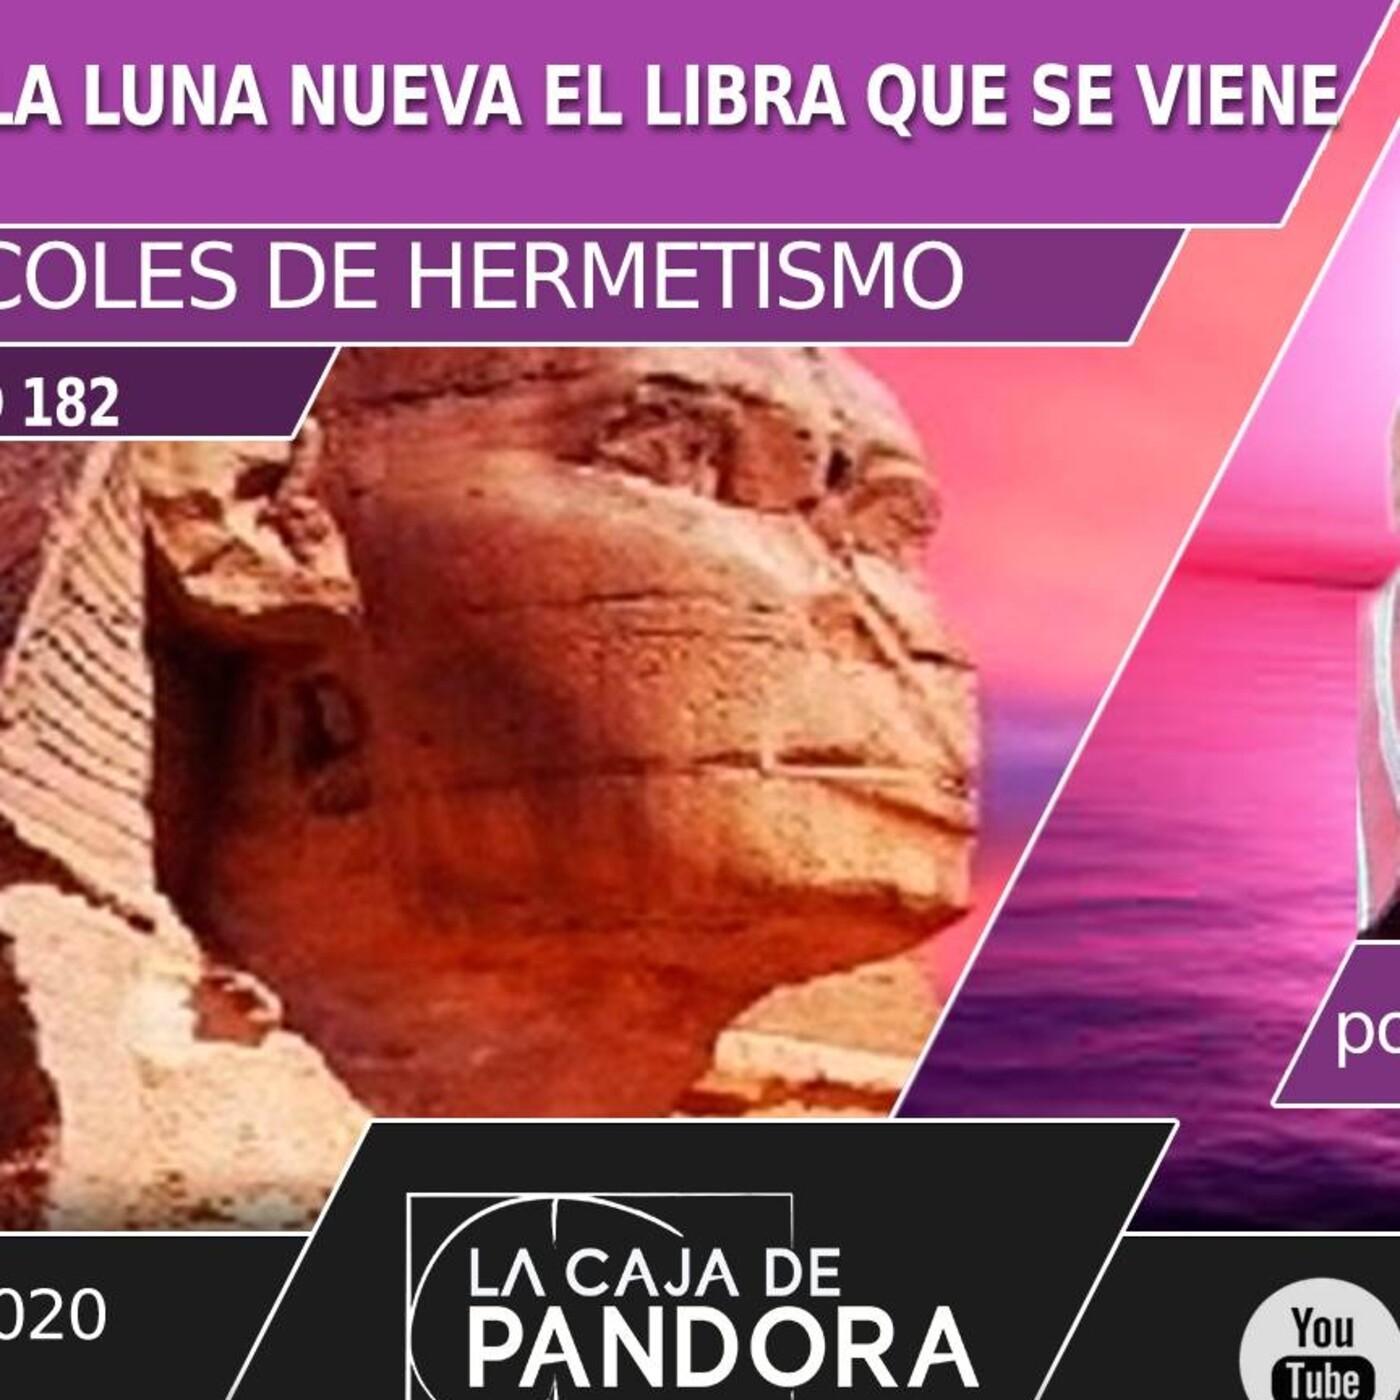 LA CRISIS MUNDIAL Y LA LUNA NUEVA EN LIBRA, QUE SE VIENE, por Juan Carlos Pons López